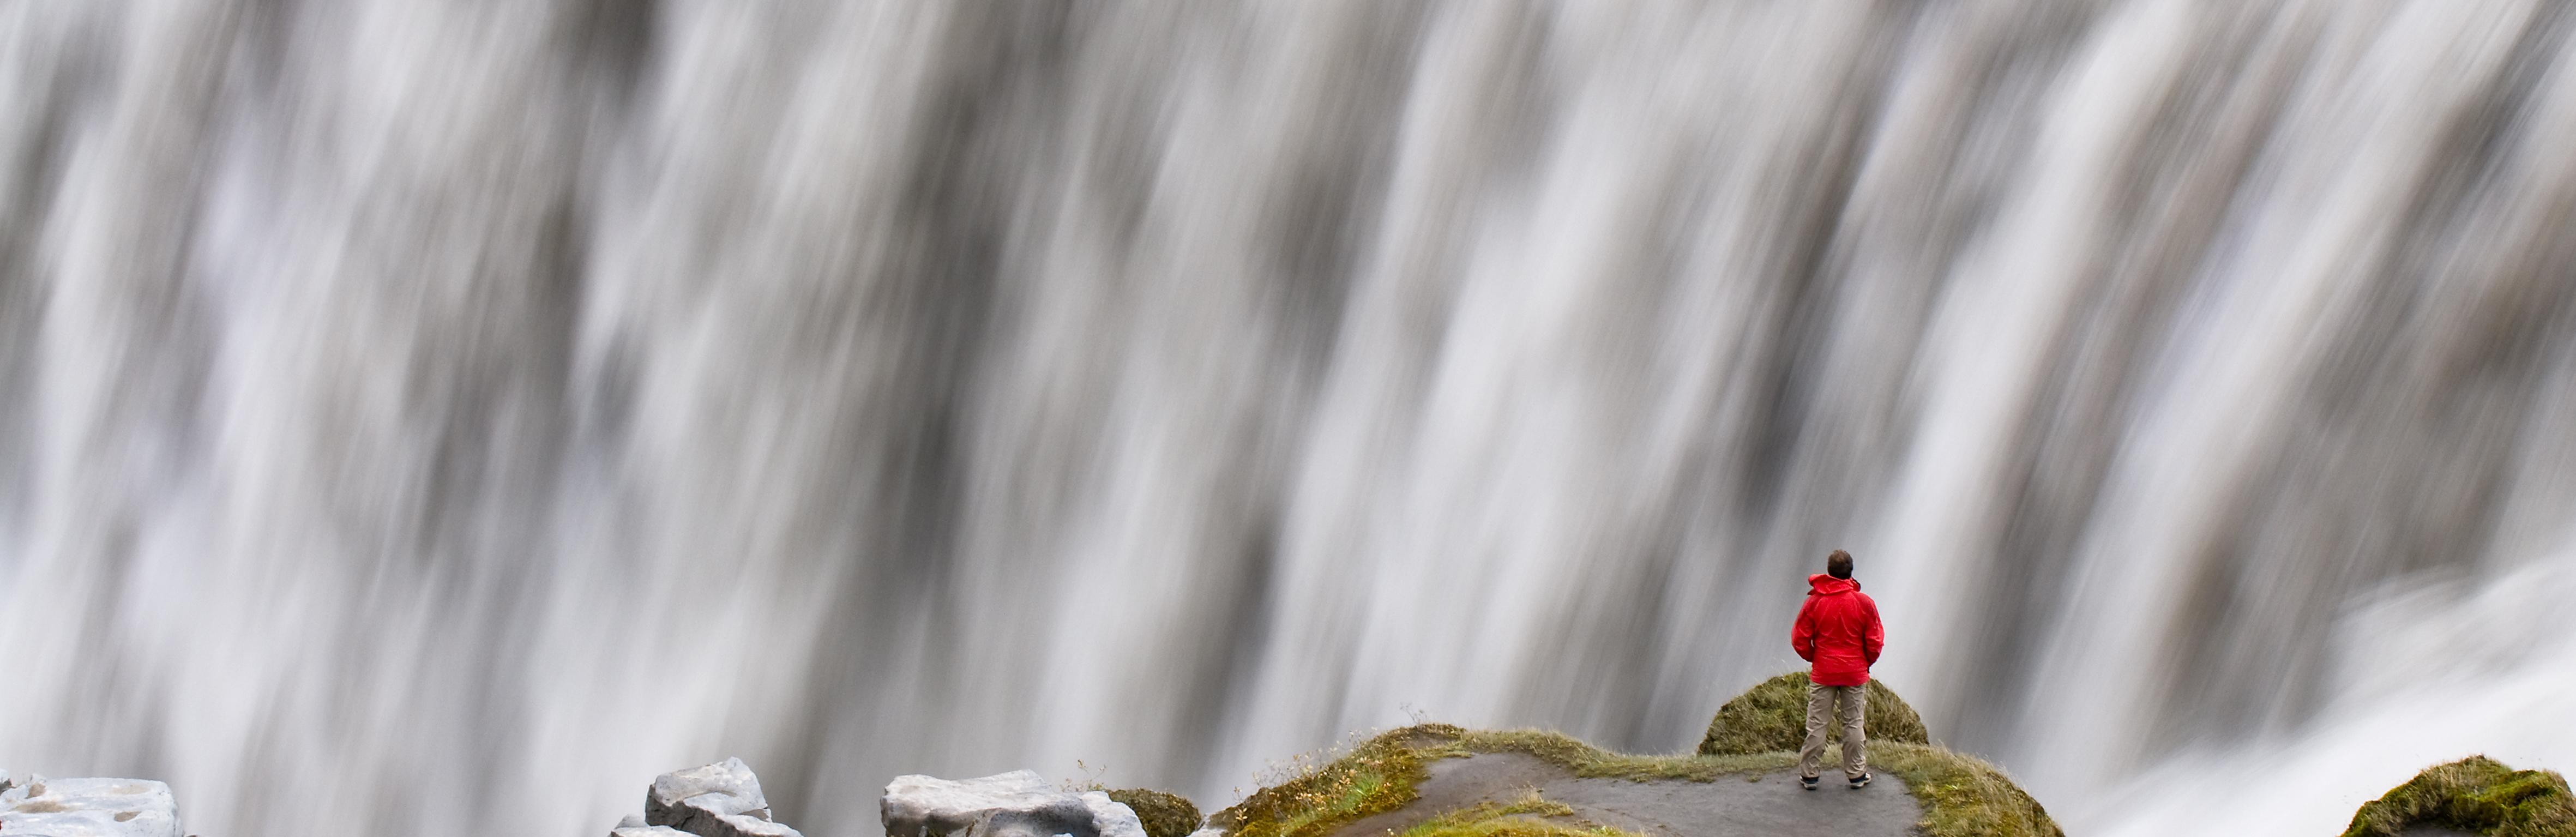 Europa, Skandinavien, Island, Dettifoss, wasserreichster Wasserfall Europas, kleiner Mensch , Gletscherfluss Joekulsa a Fjoellum, Insel, Norden, Landschaft, Natur, Naturgewalt, Wasserkraft, Dynamik, WerbungPR, 8/2011